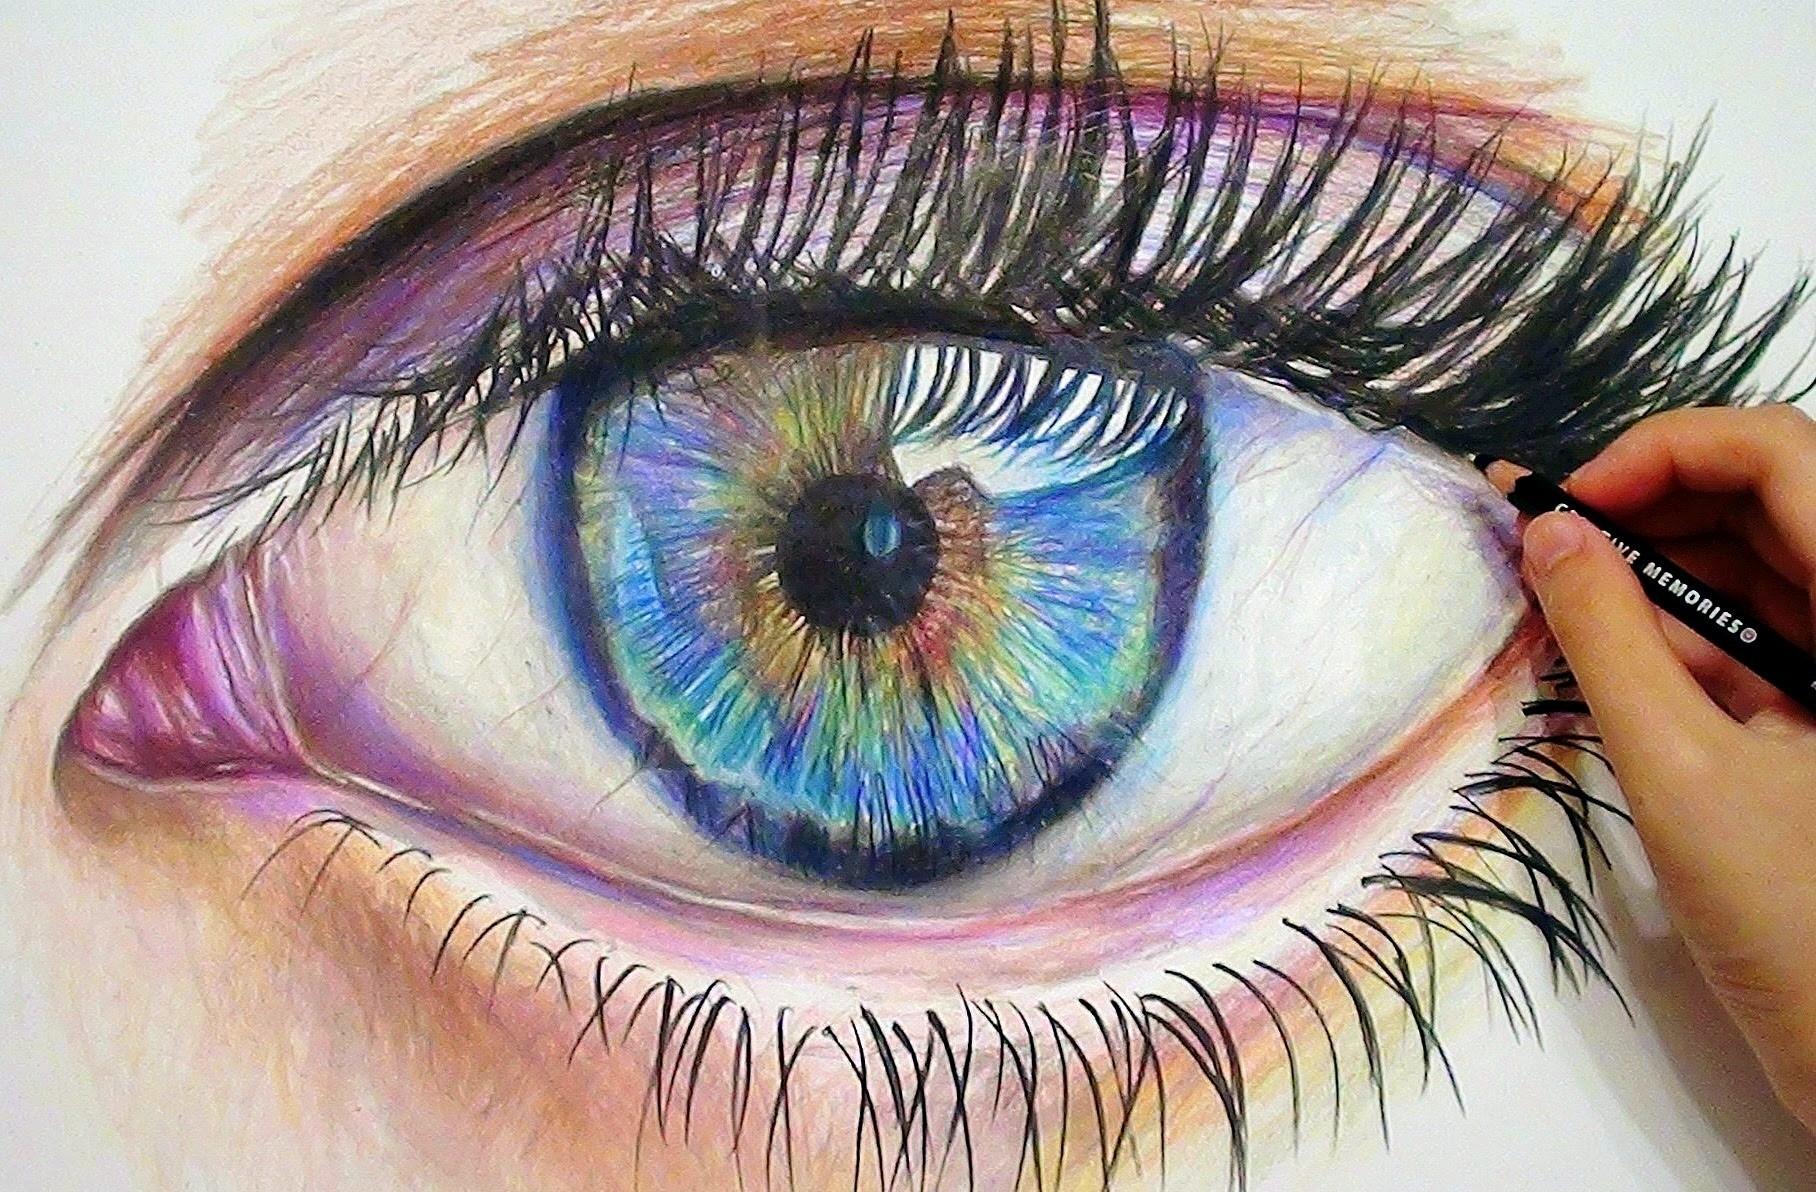 Ejercicios para relajar tus ojos de la pantalla. Evita cansarlos